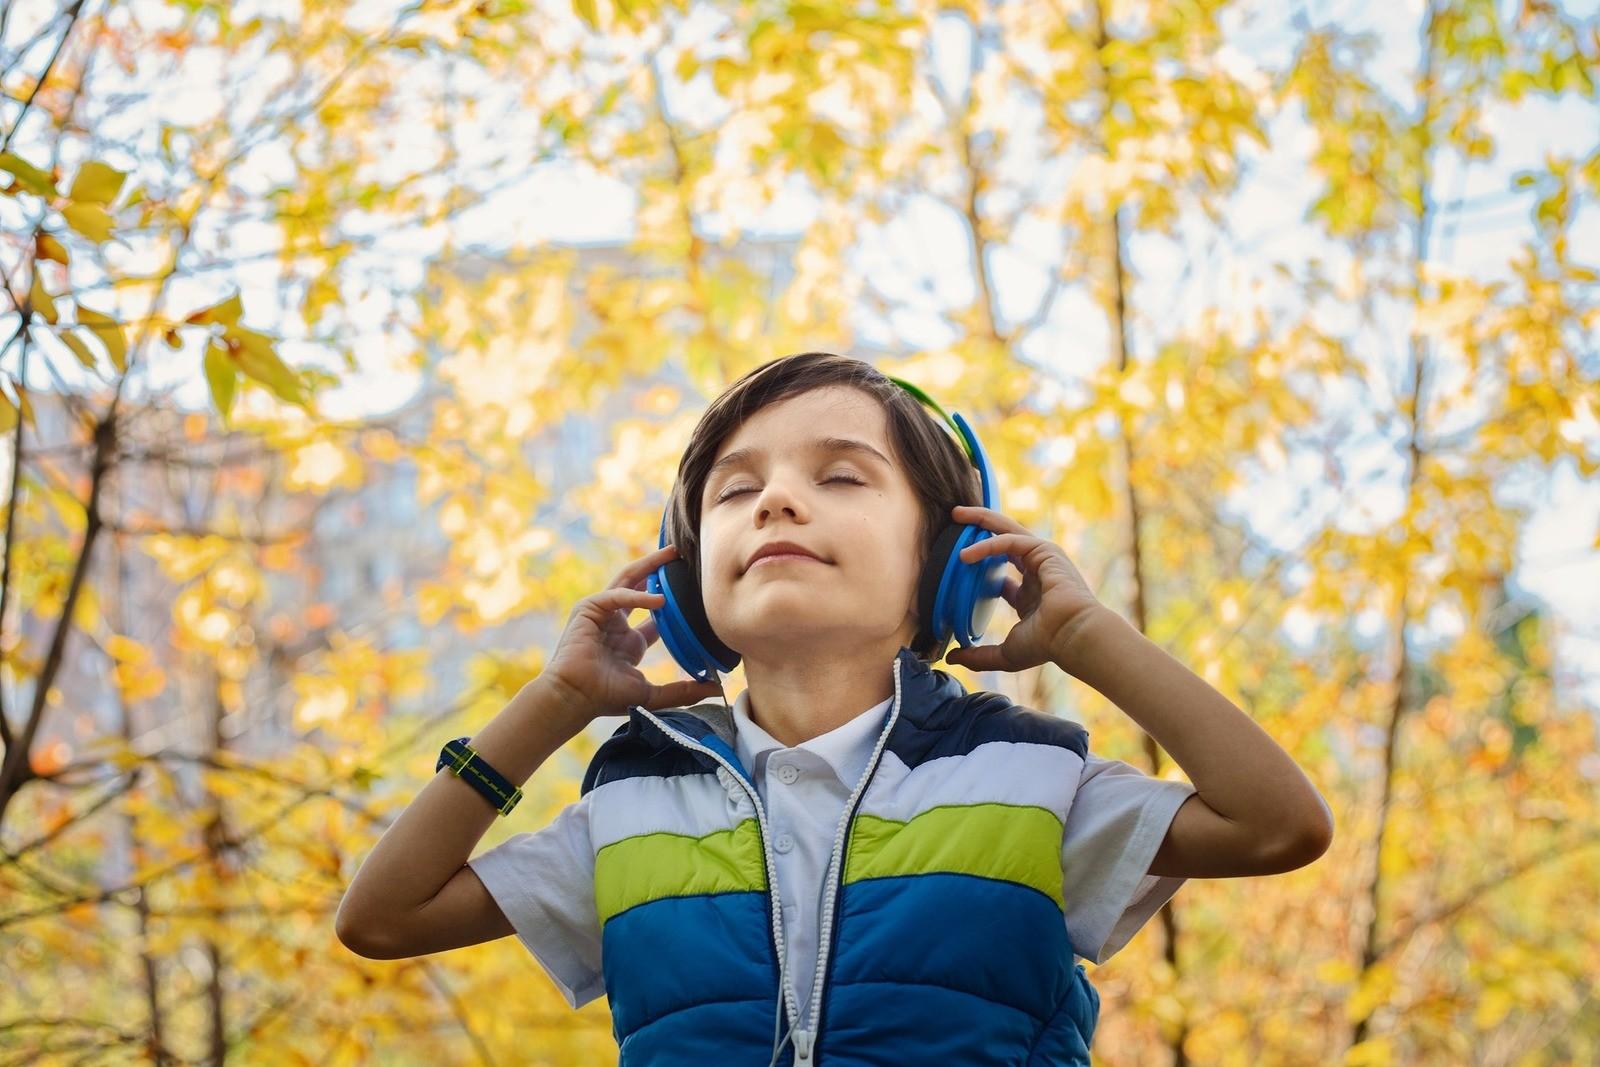 Как Найти и Выбрать Учителя Музыки для Ребенка